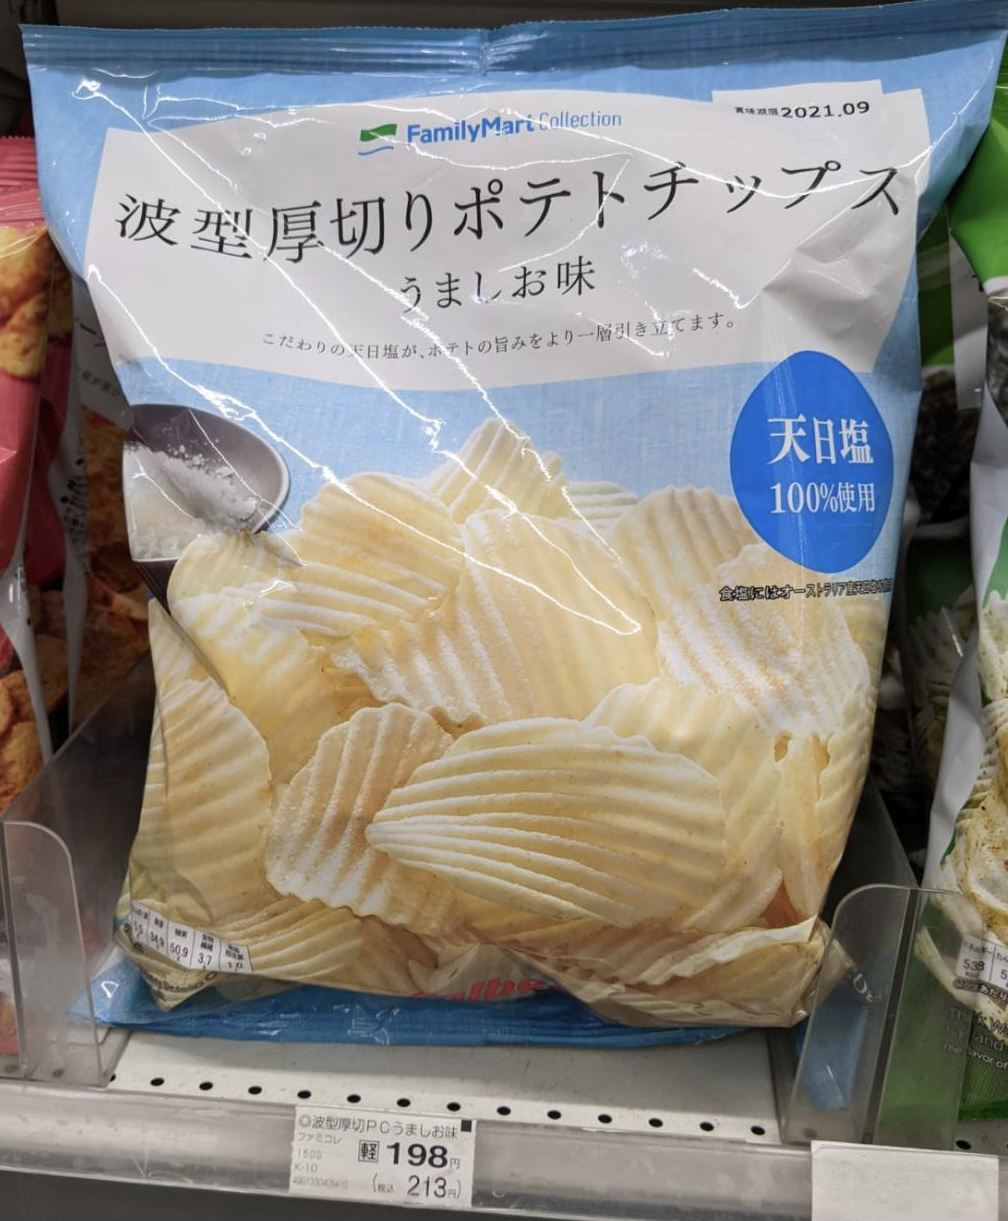 Family Mart Wavy Thick Potato Chips